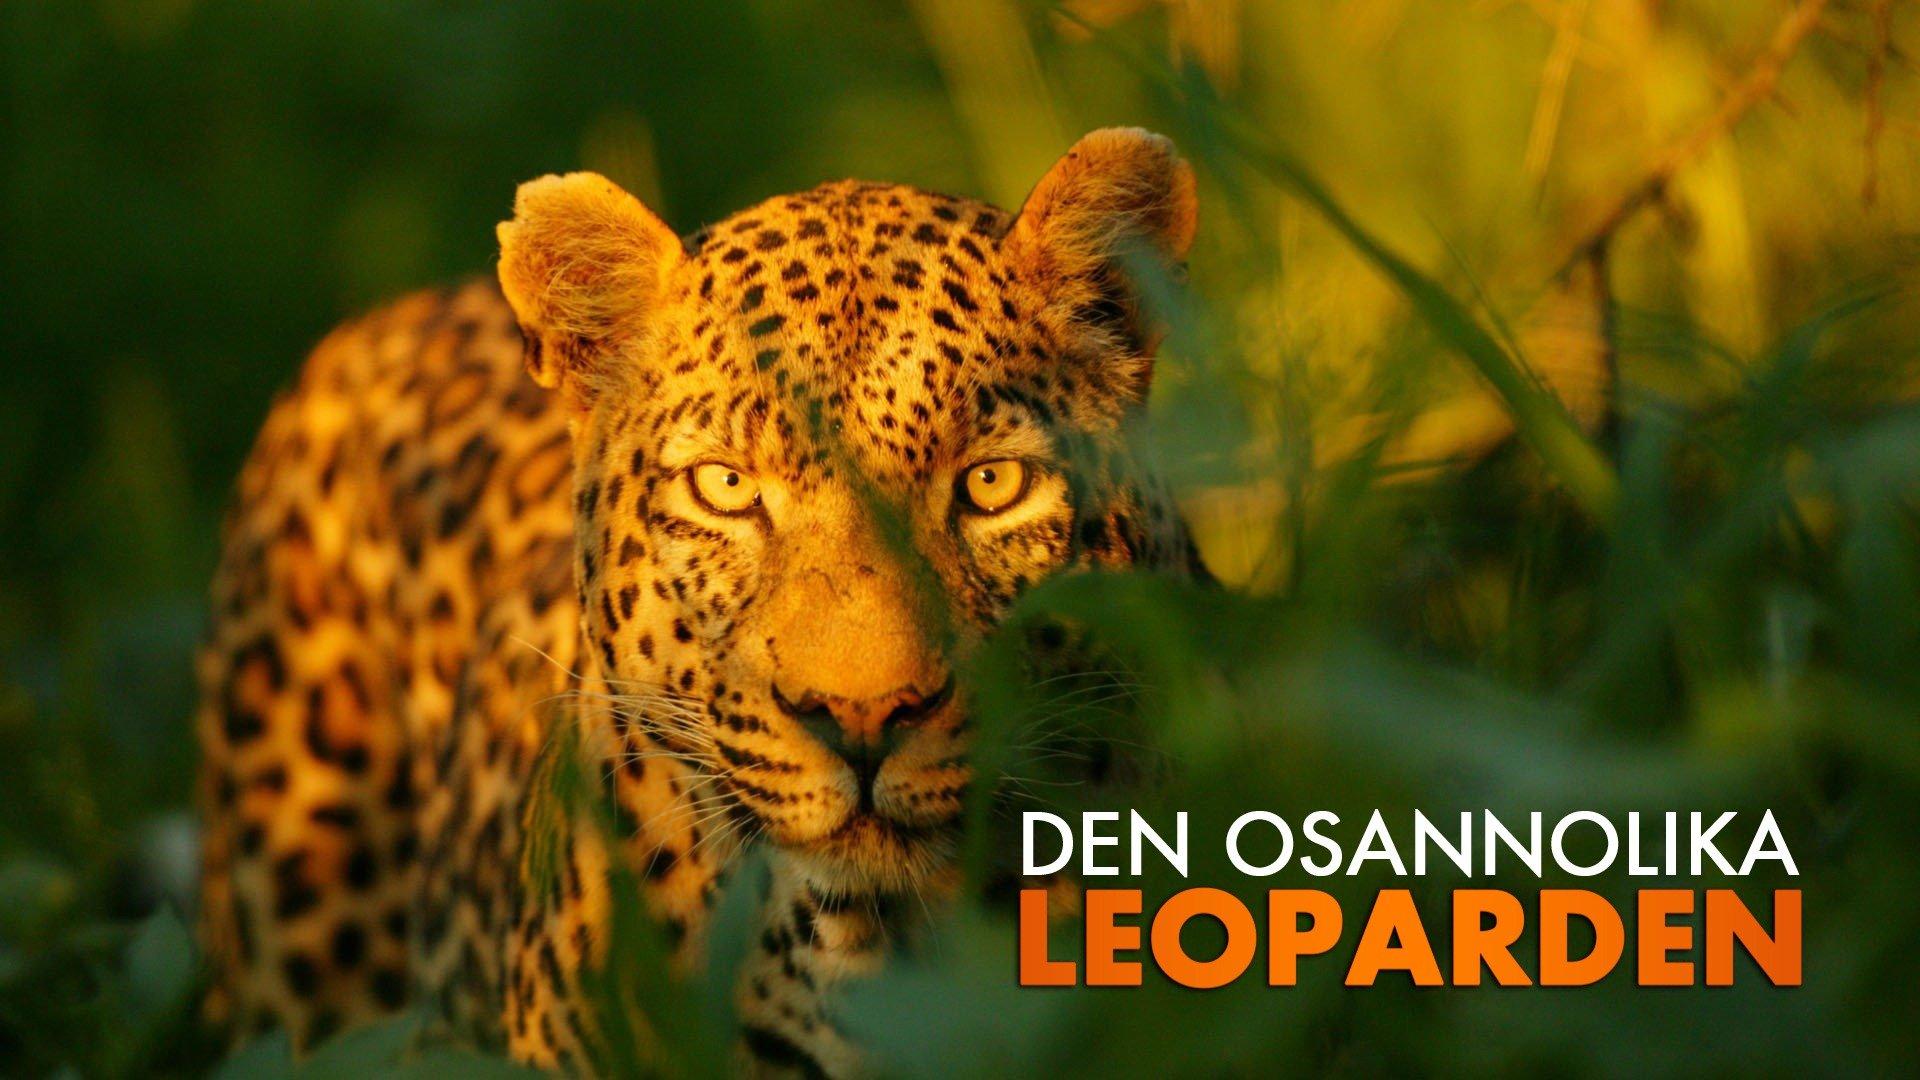 Den osannolika leoparden